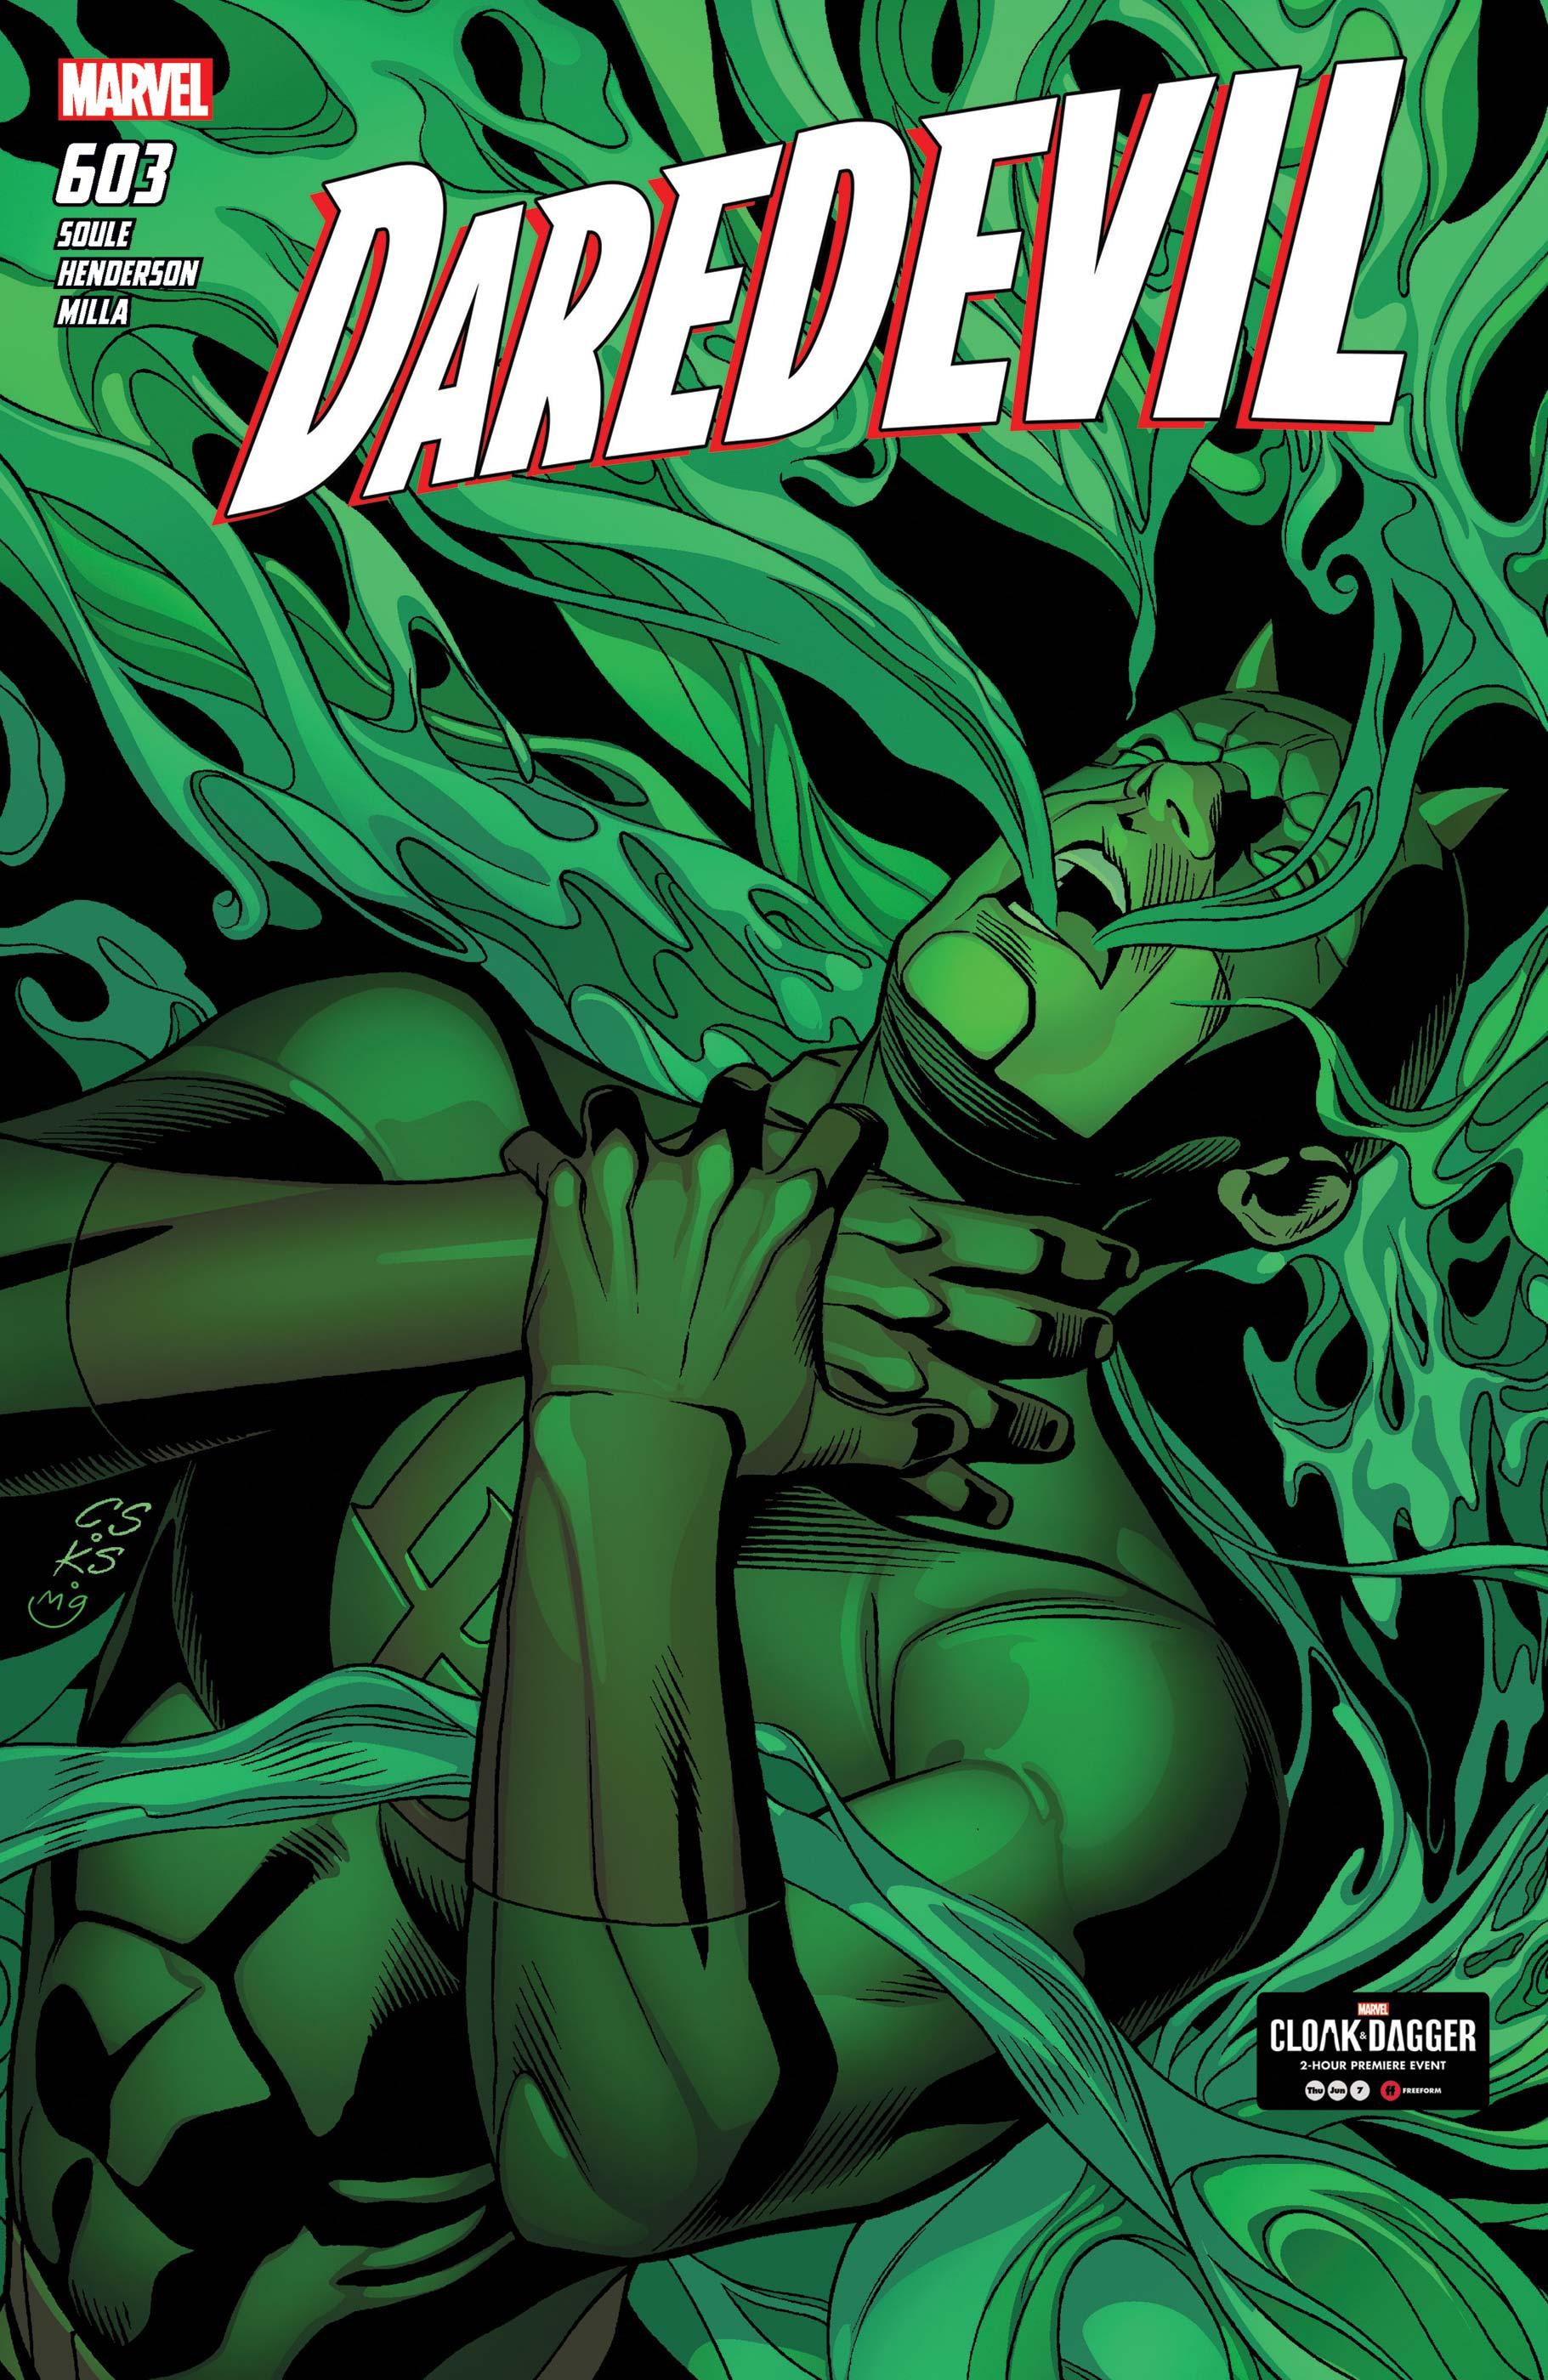 Daredevil (2015) #603